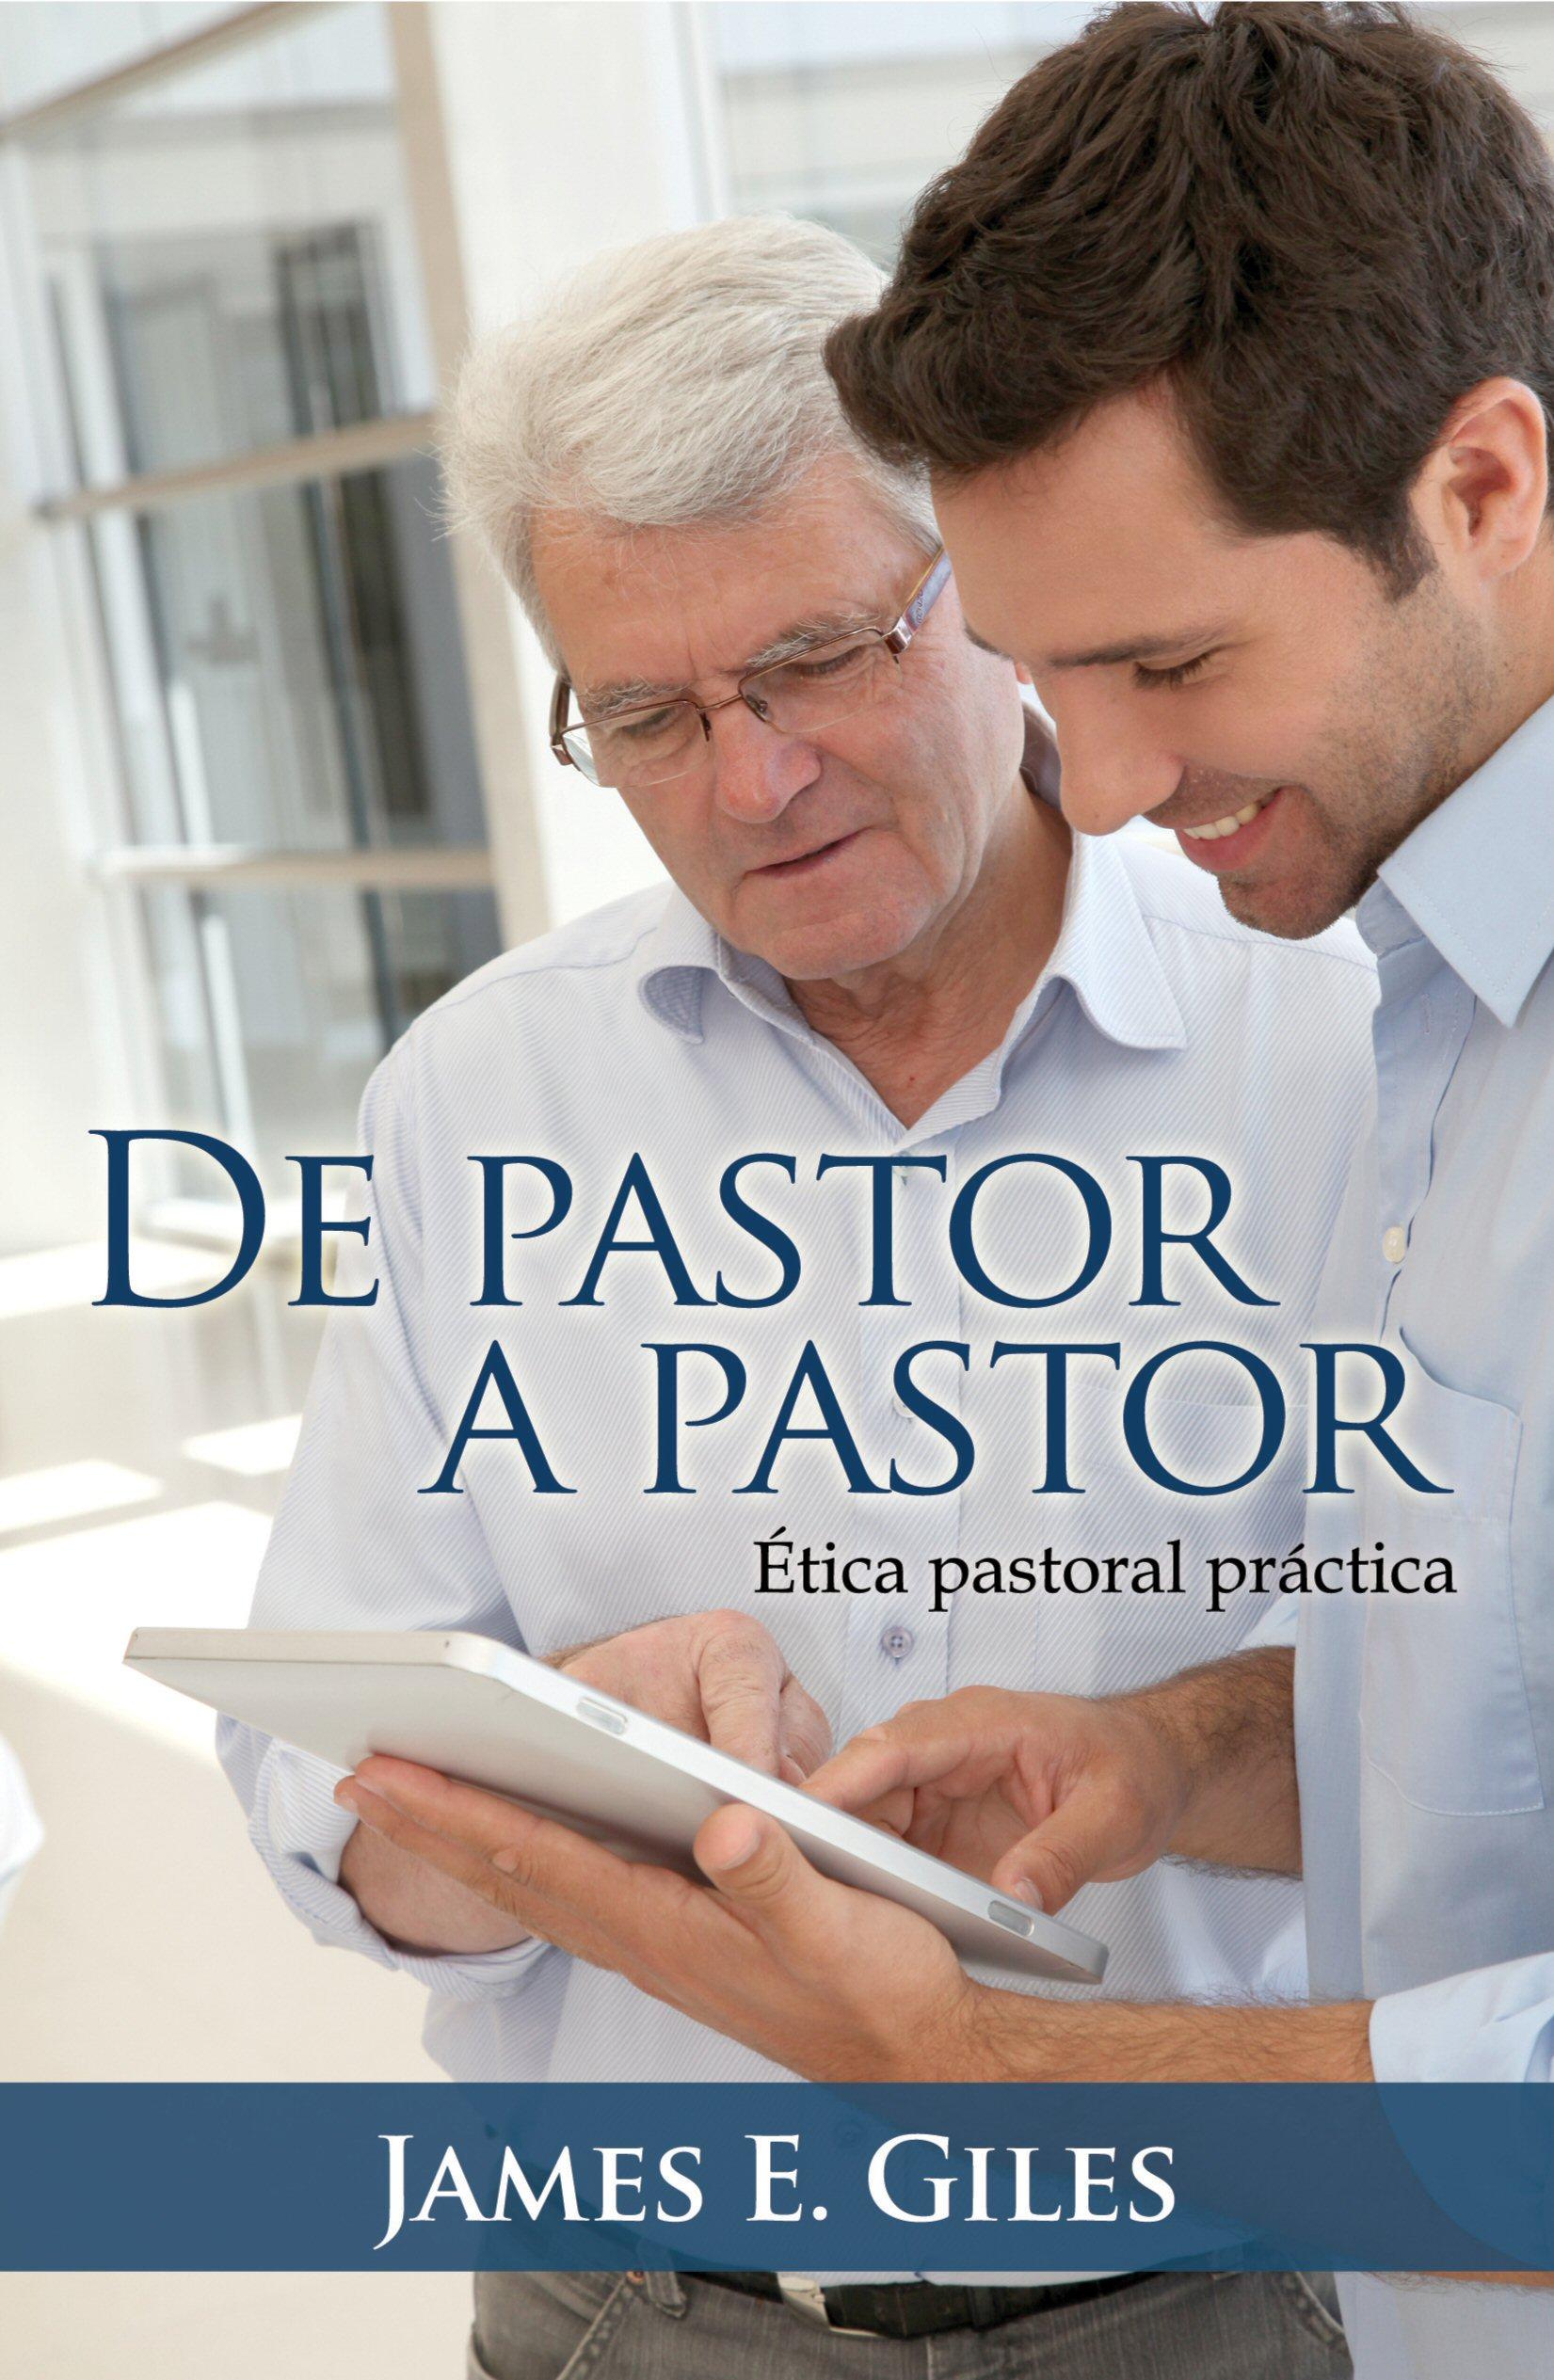 De pastor a pastor, ética pastoral práctica